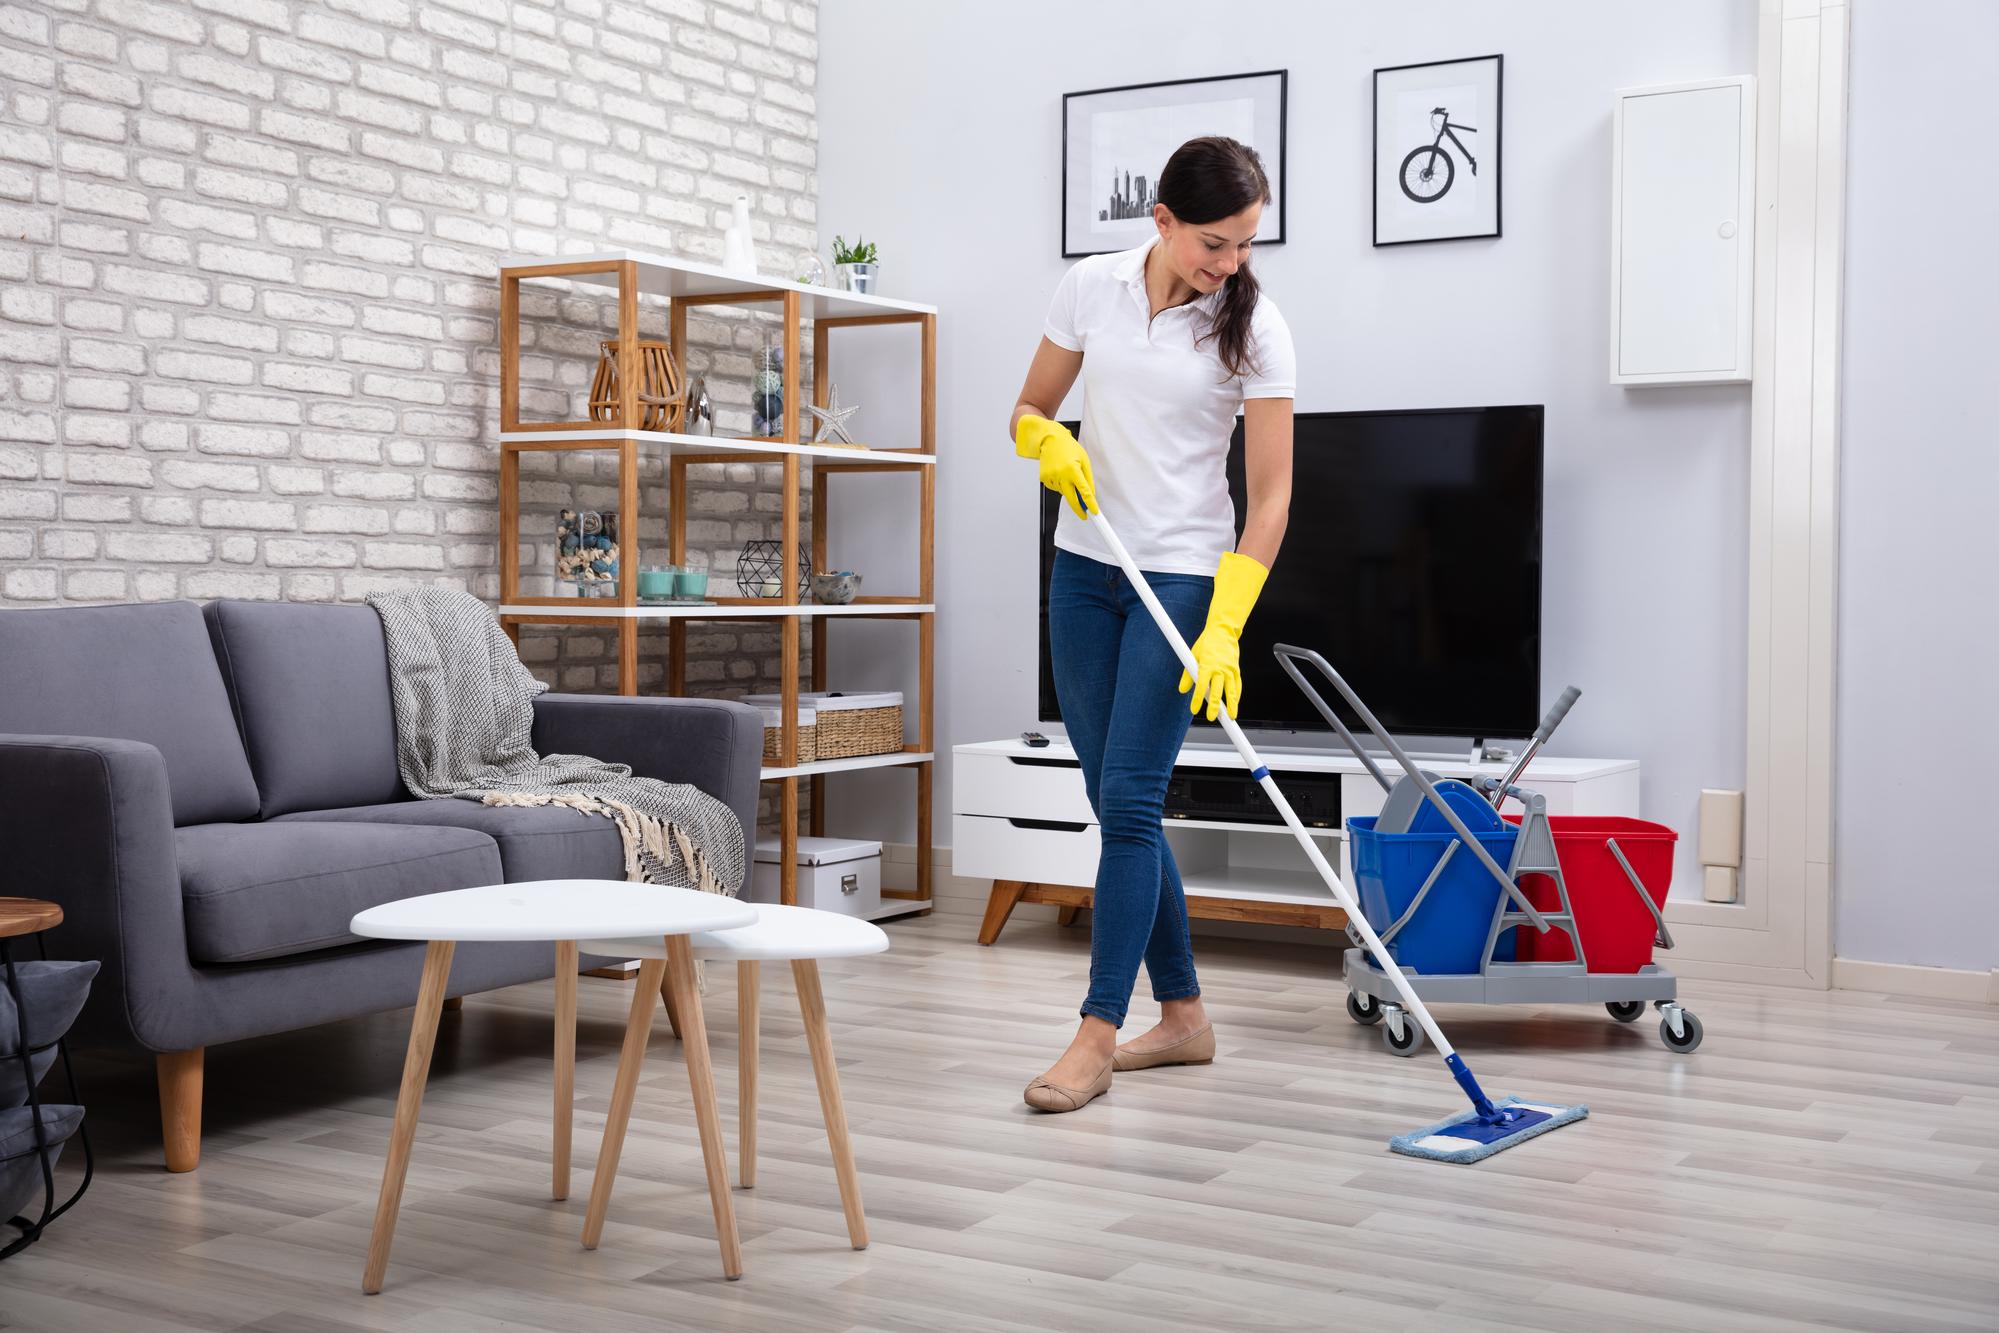 Winston-Salem-North-Carolina-hardwood-floors (4)